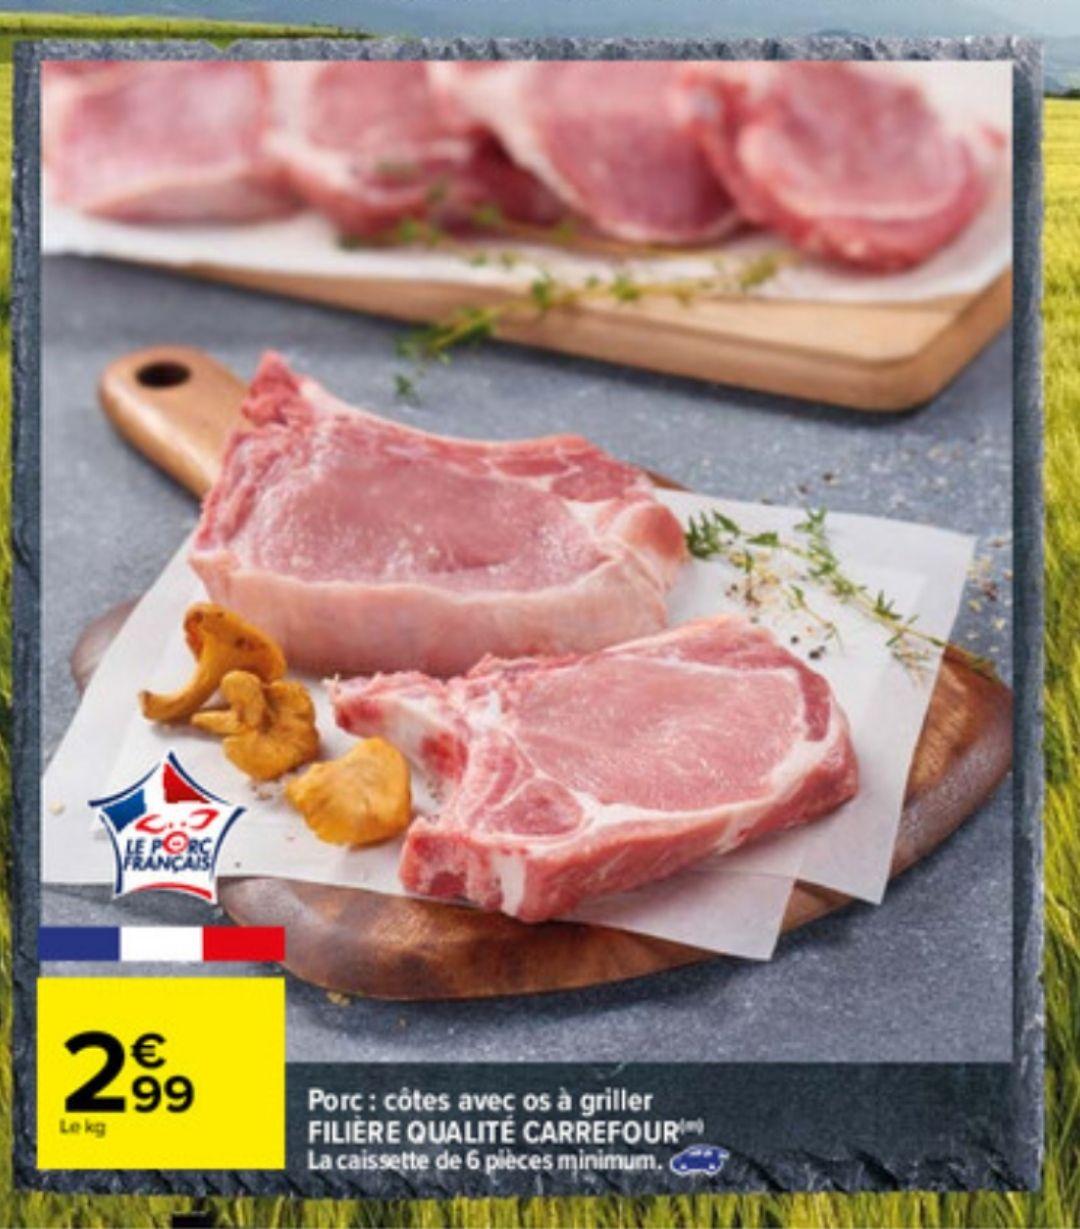 Caissette de 6 Côtes de porc avec OS à griller